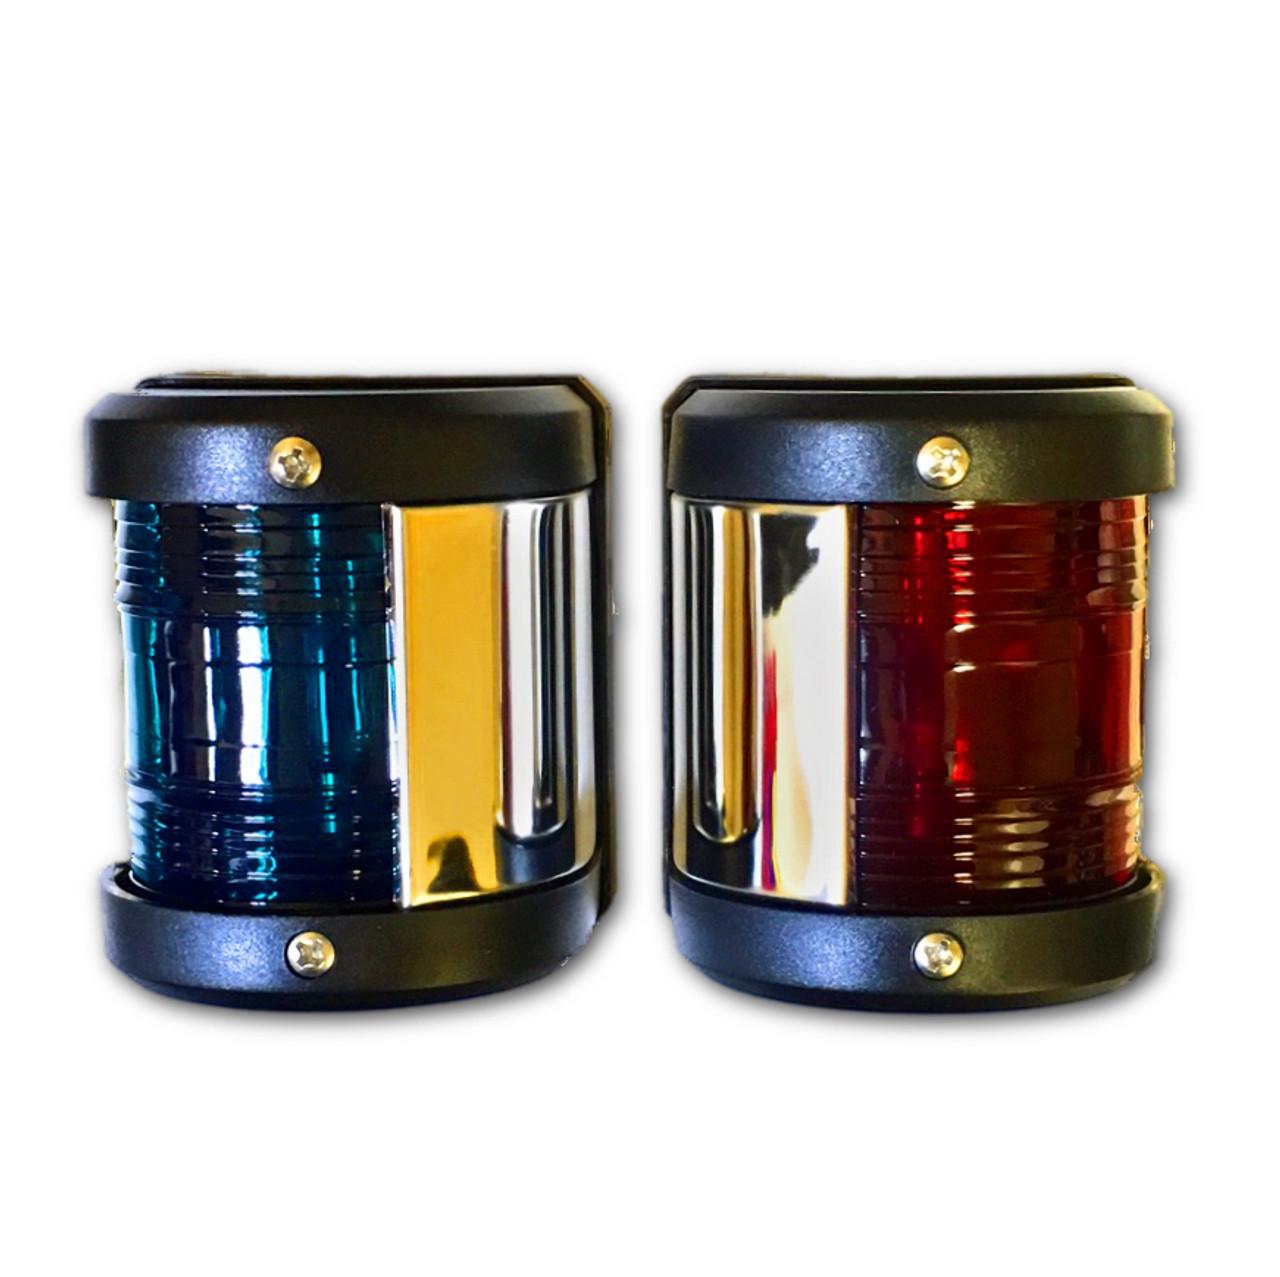 LED Series 25 Navigation Lights